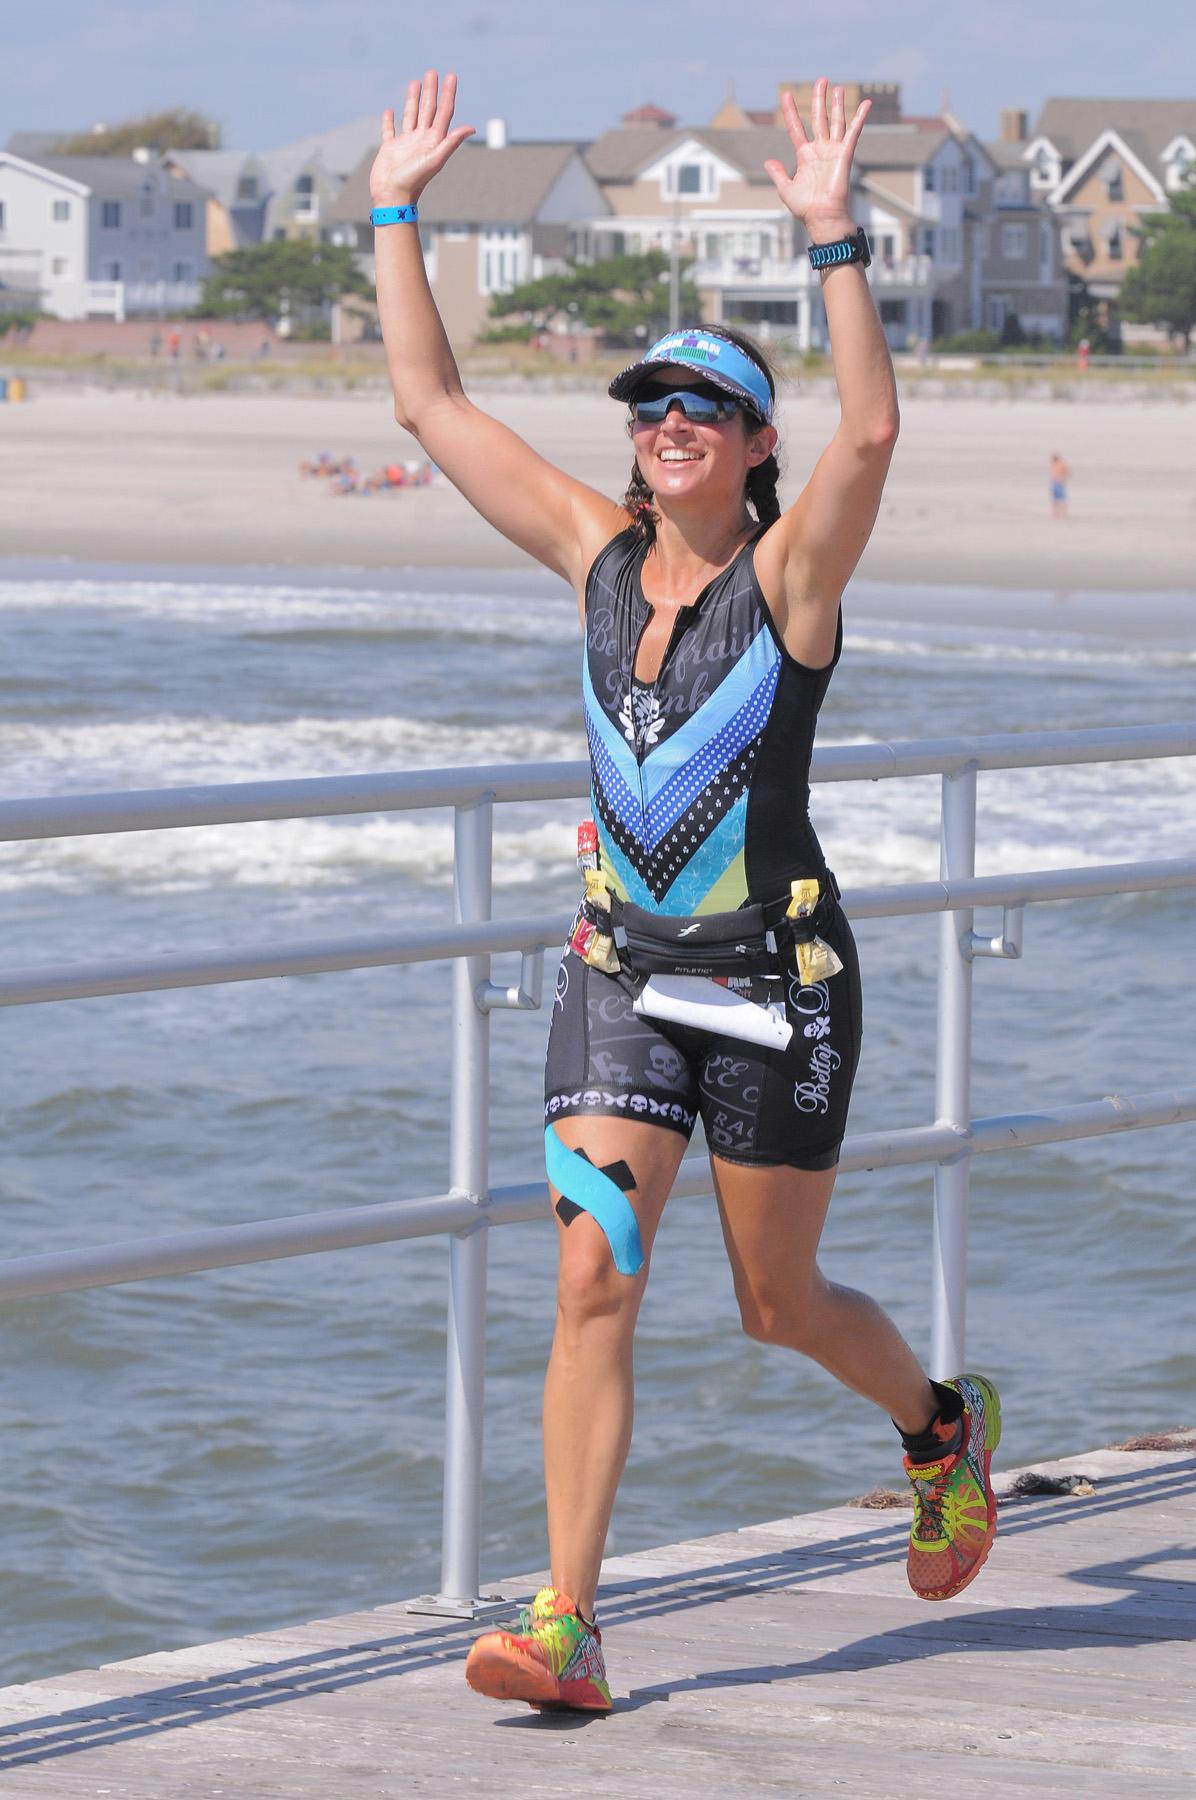 ocean view run - Ironman 70.3 Atlantic City